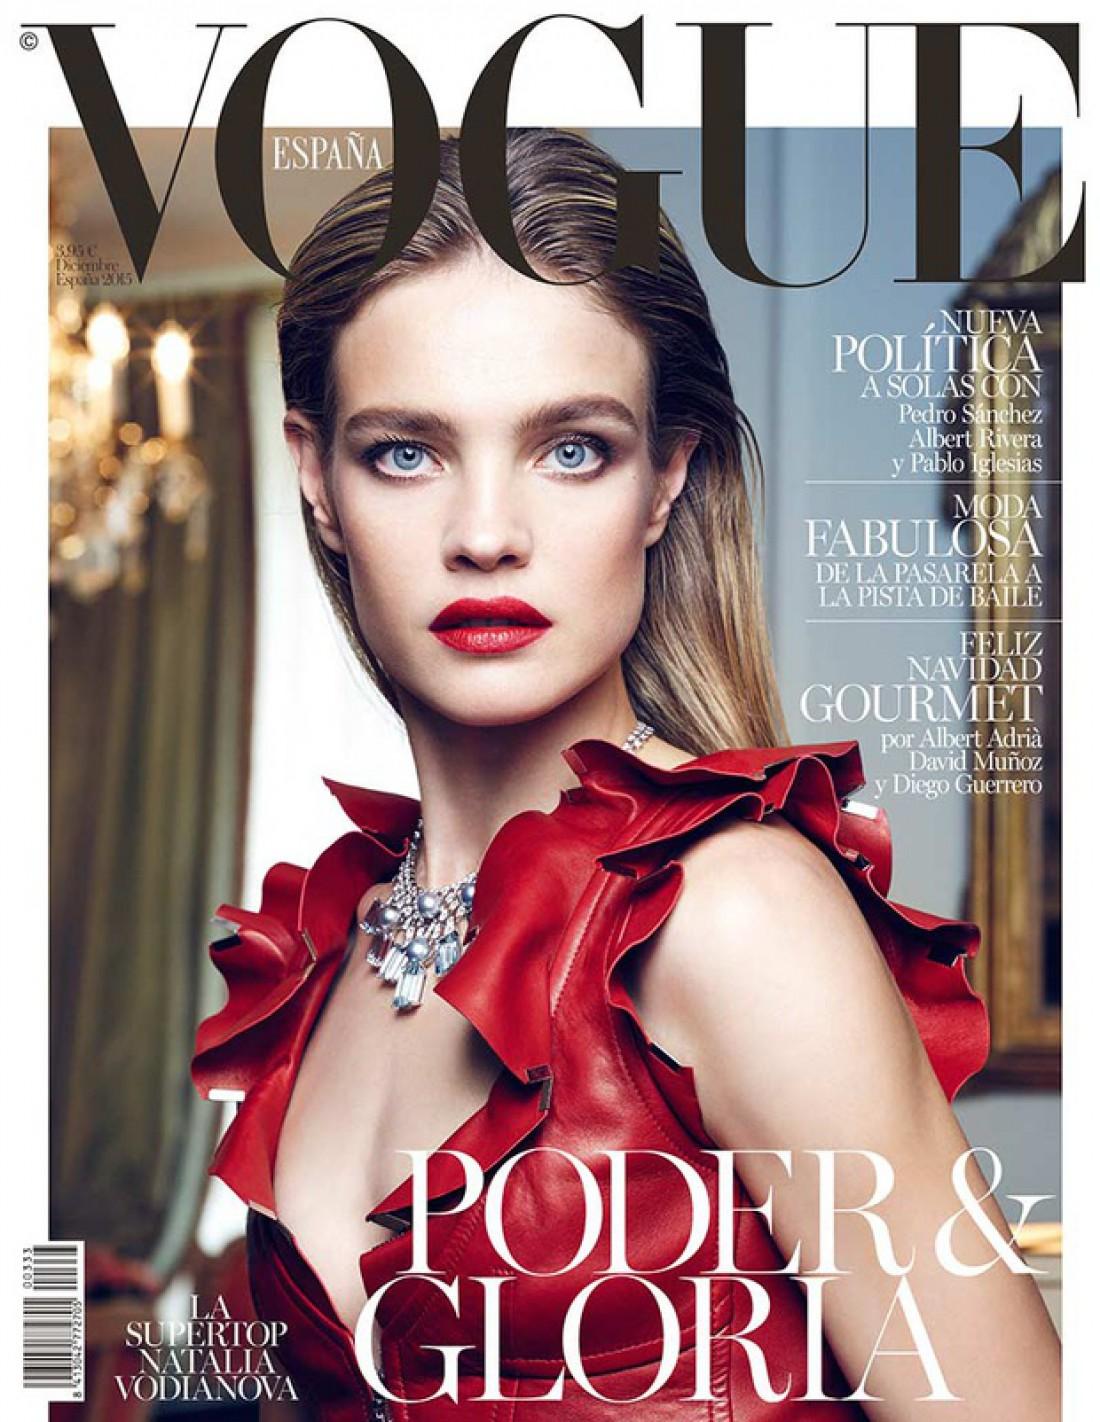 Модель Наталья Водянова на обложке Vogue